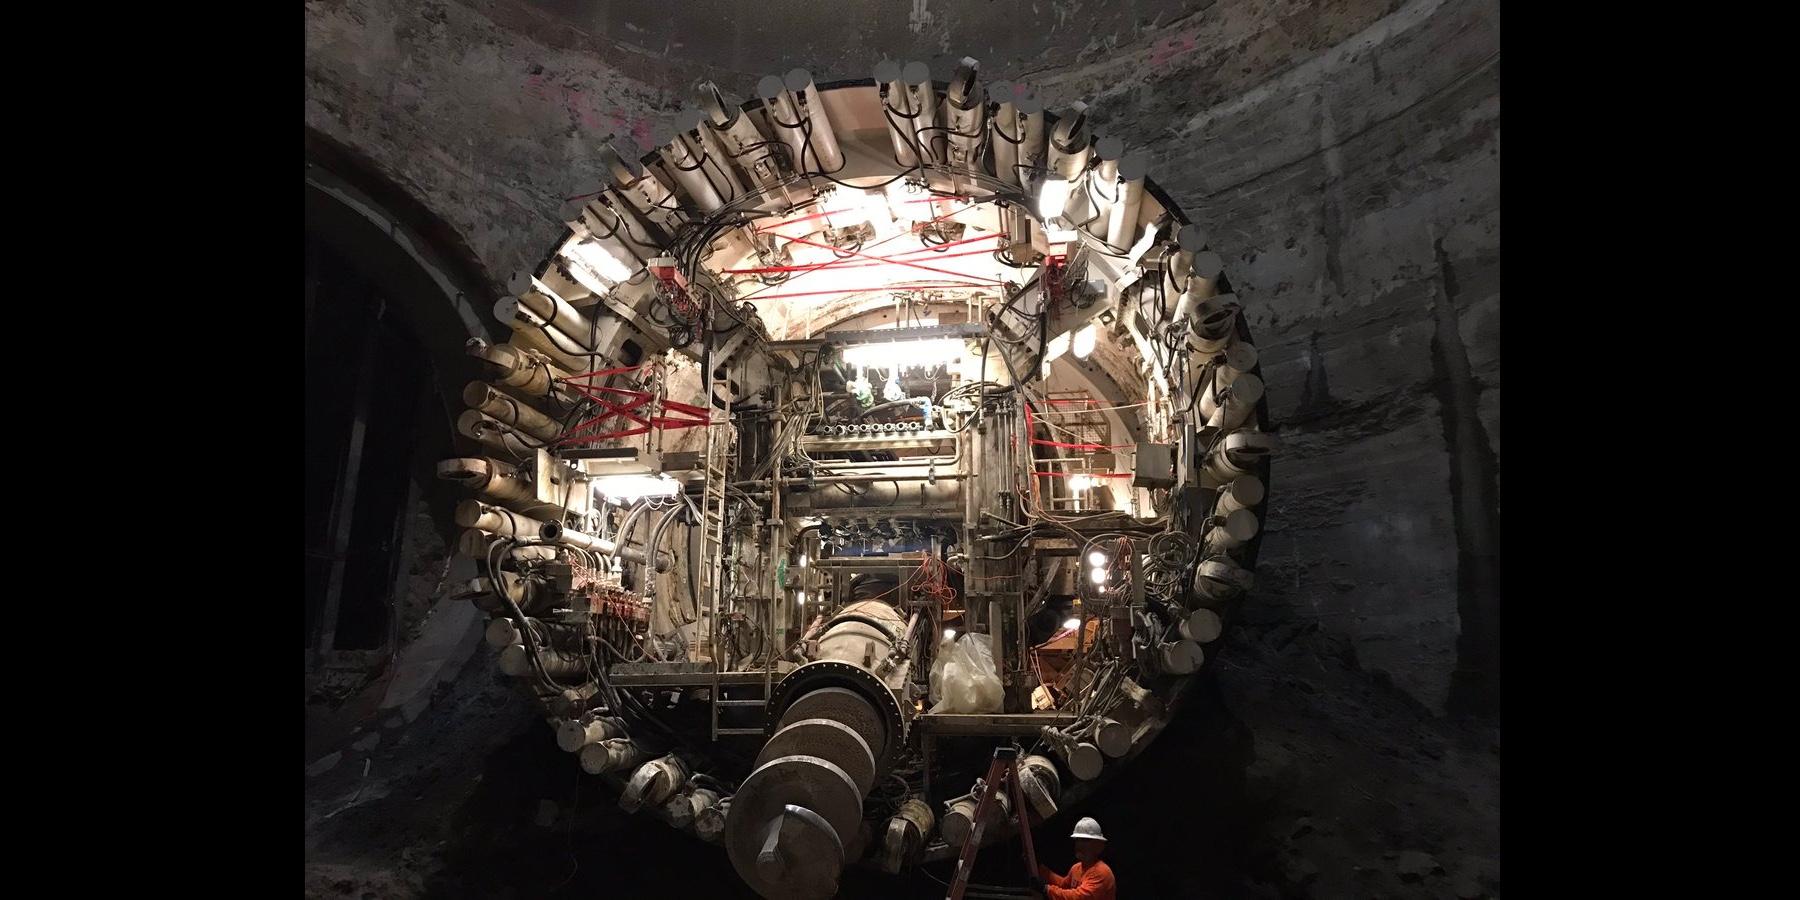 musk-tunnel-boring-machine